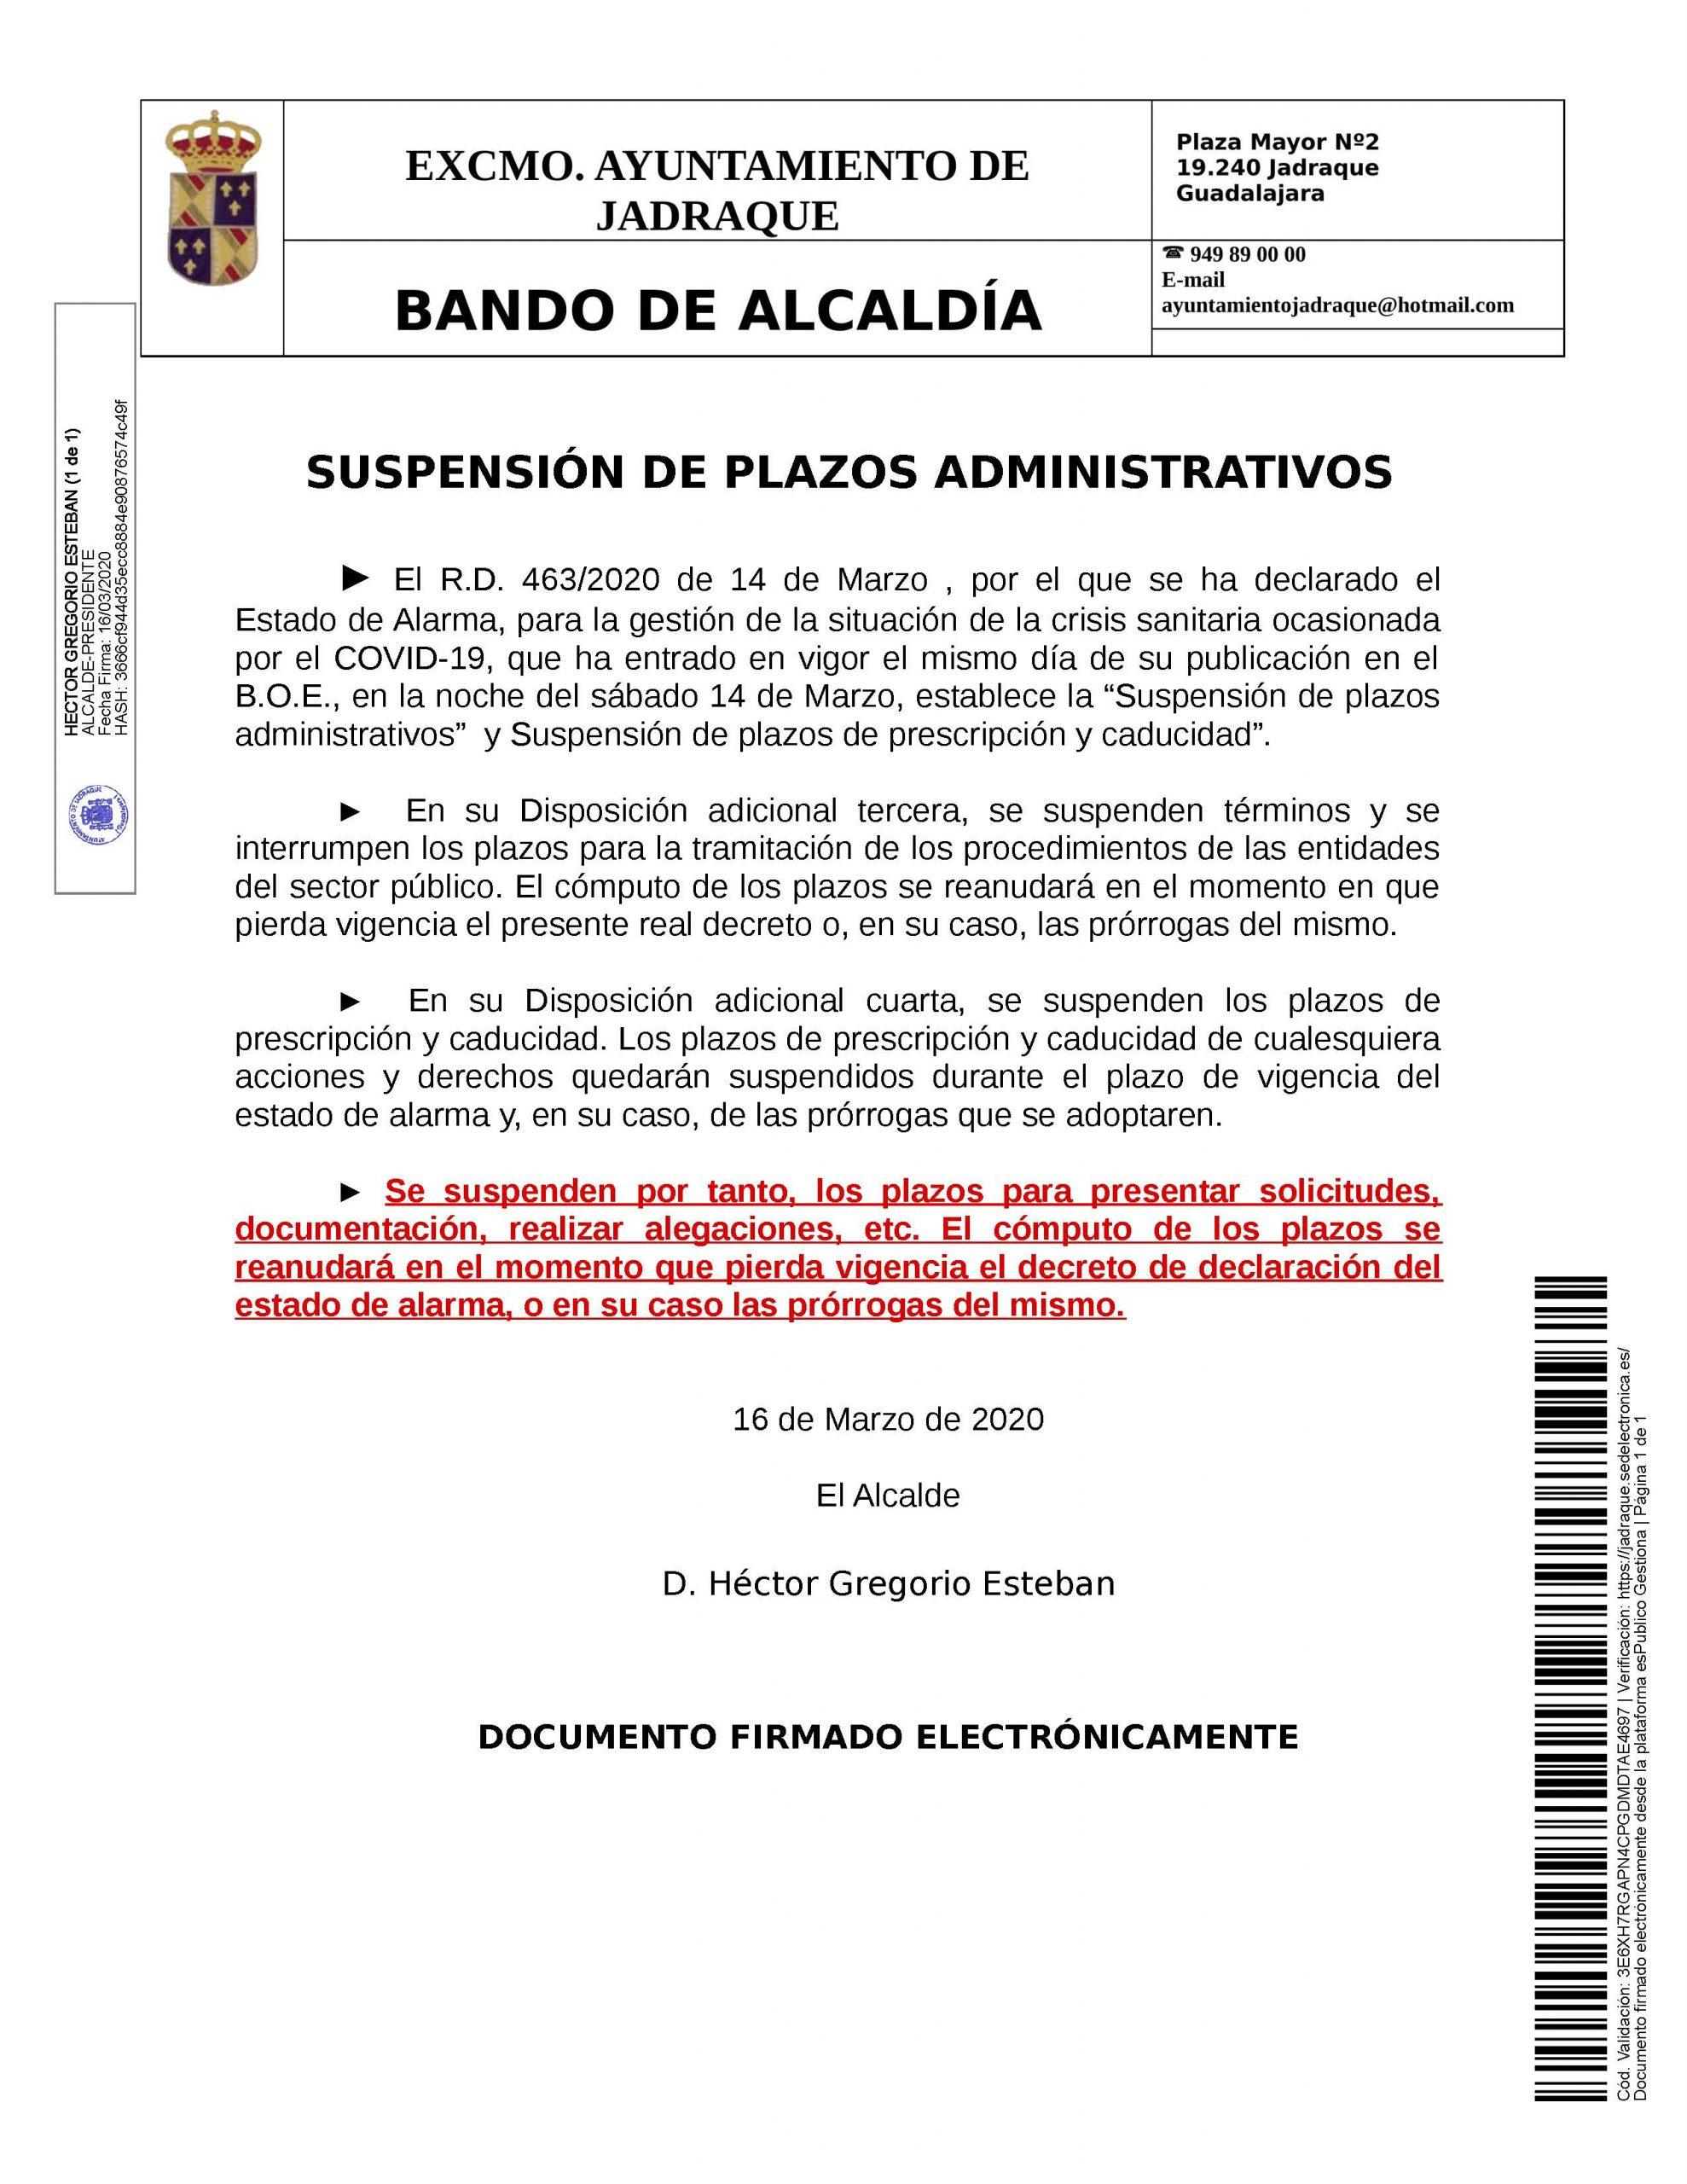 20200316_Publicación_Bando_BANDO SUSPENSIÓN PLAZOS ADMINISTRATIVOS .ESTADO DE ALARMA